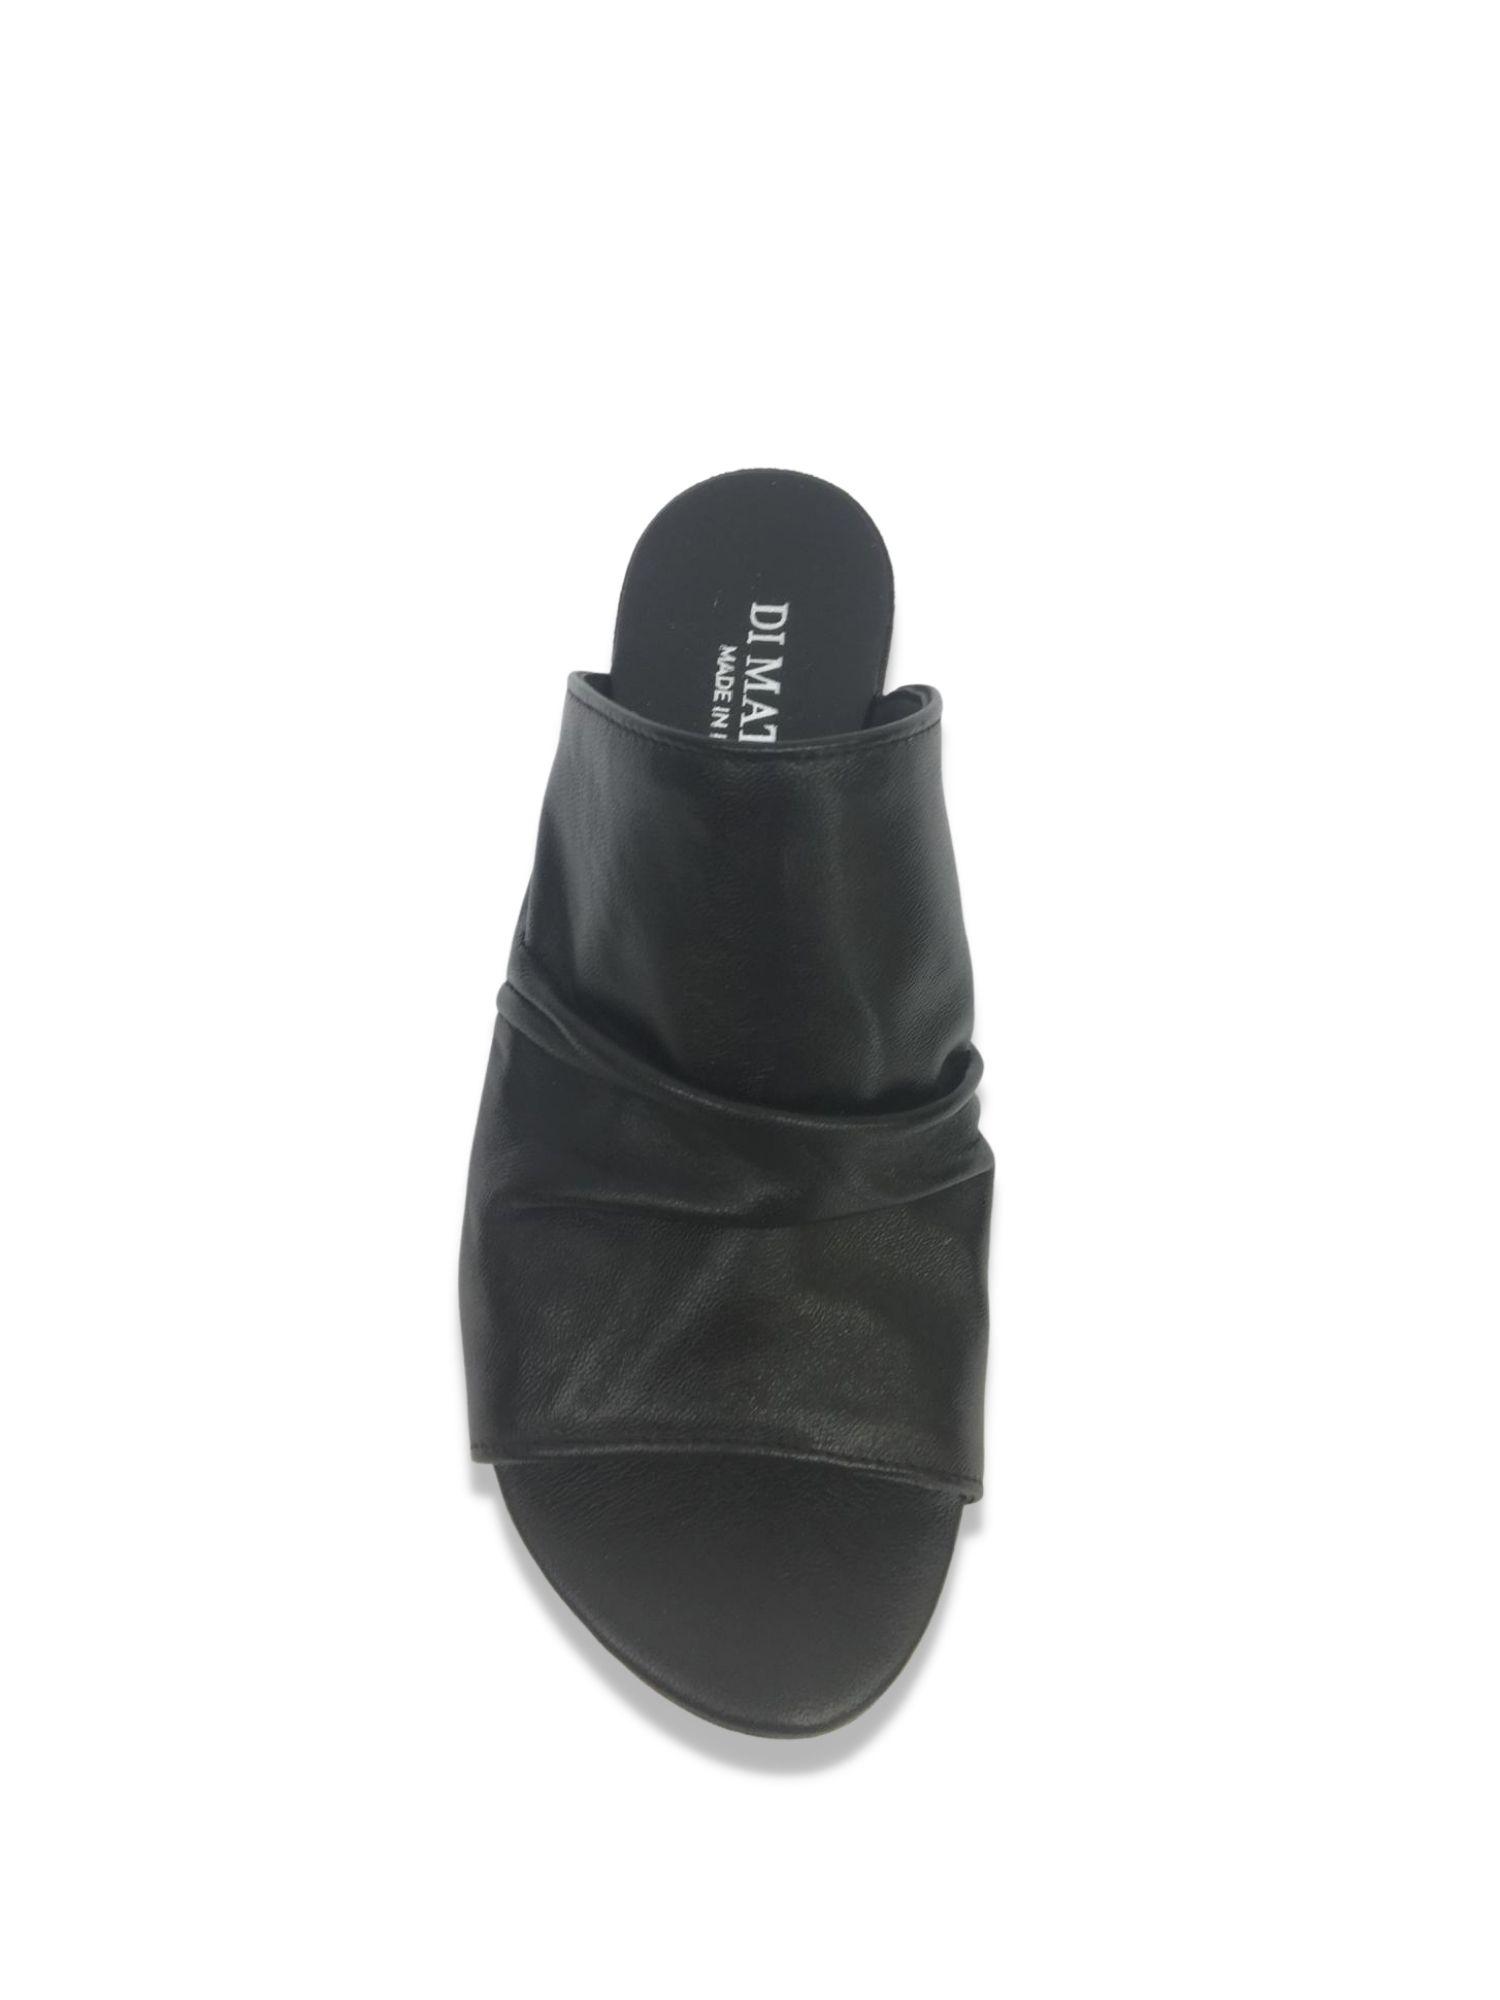 Sandalo Scalzato Made in Italy 207 Nero alto